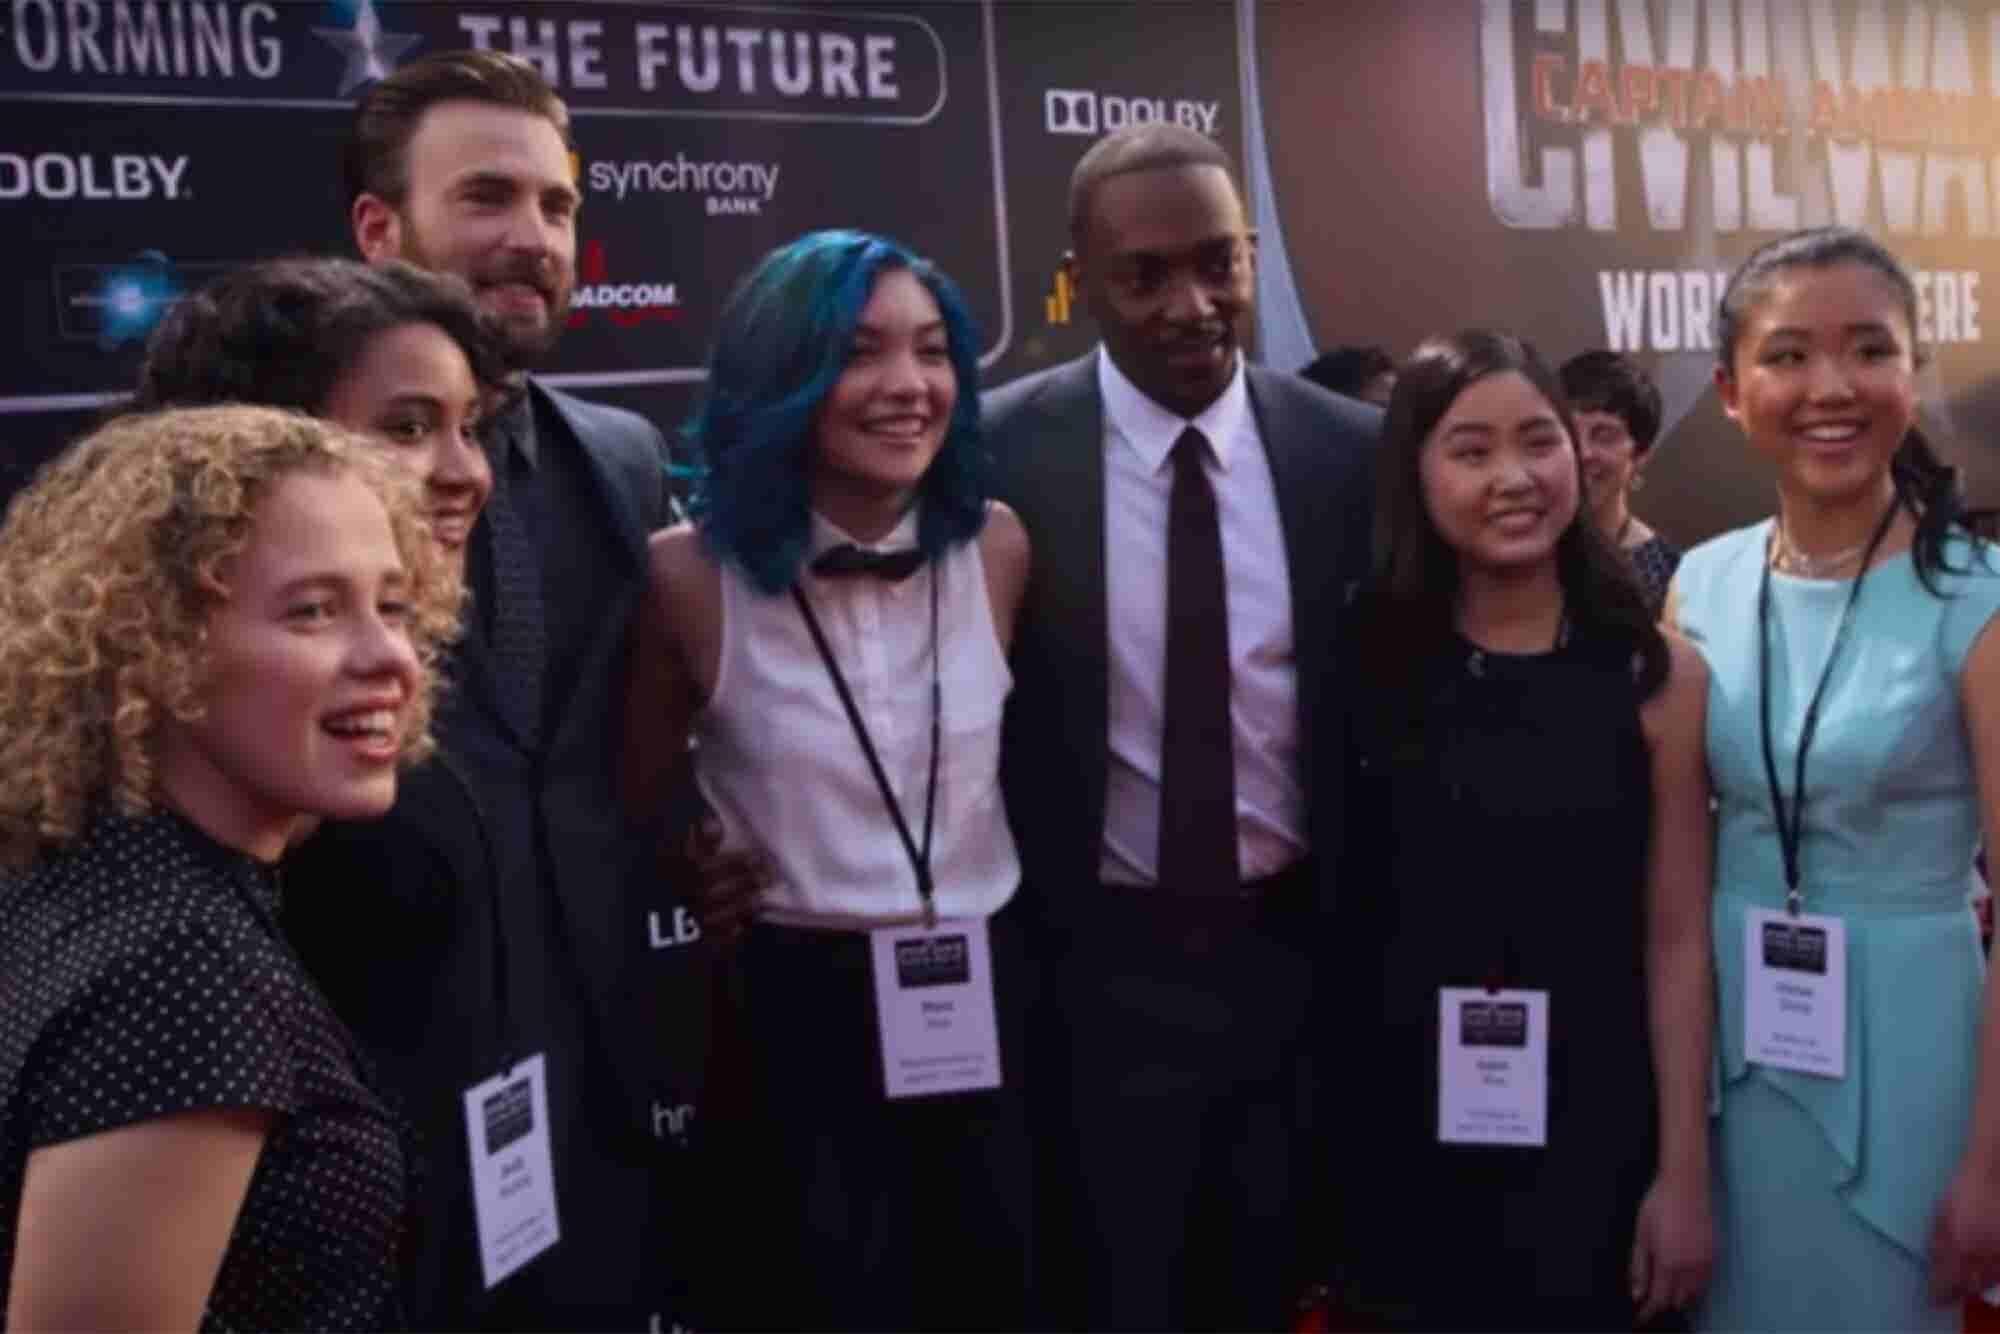 Conoce a las emprendedoras que, según Marvel, van a cambiar el mundo